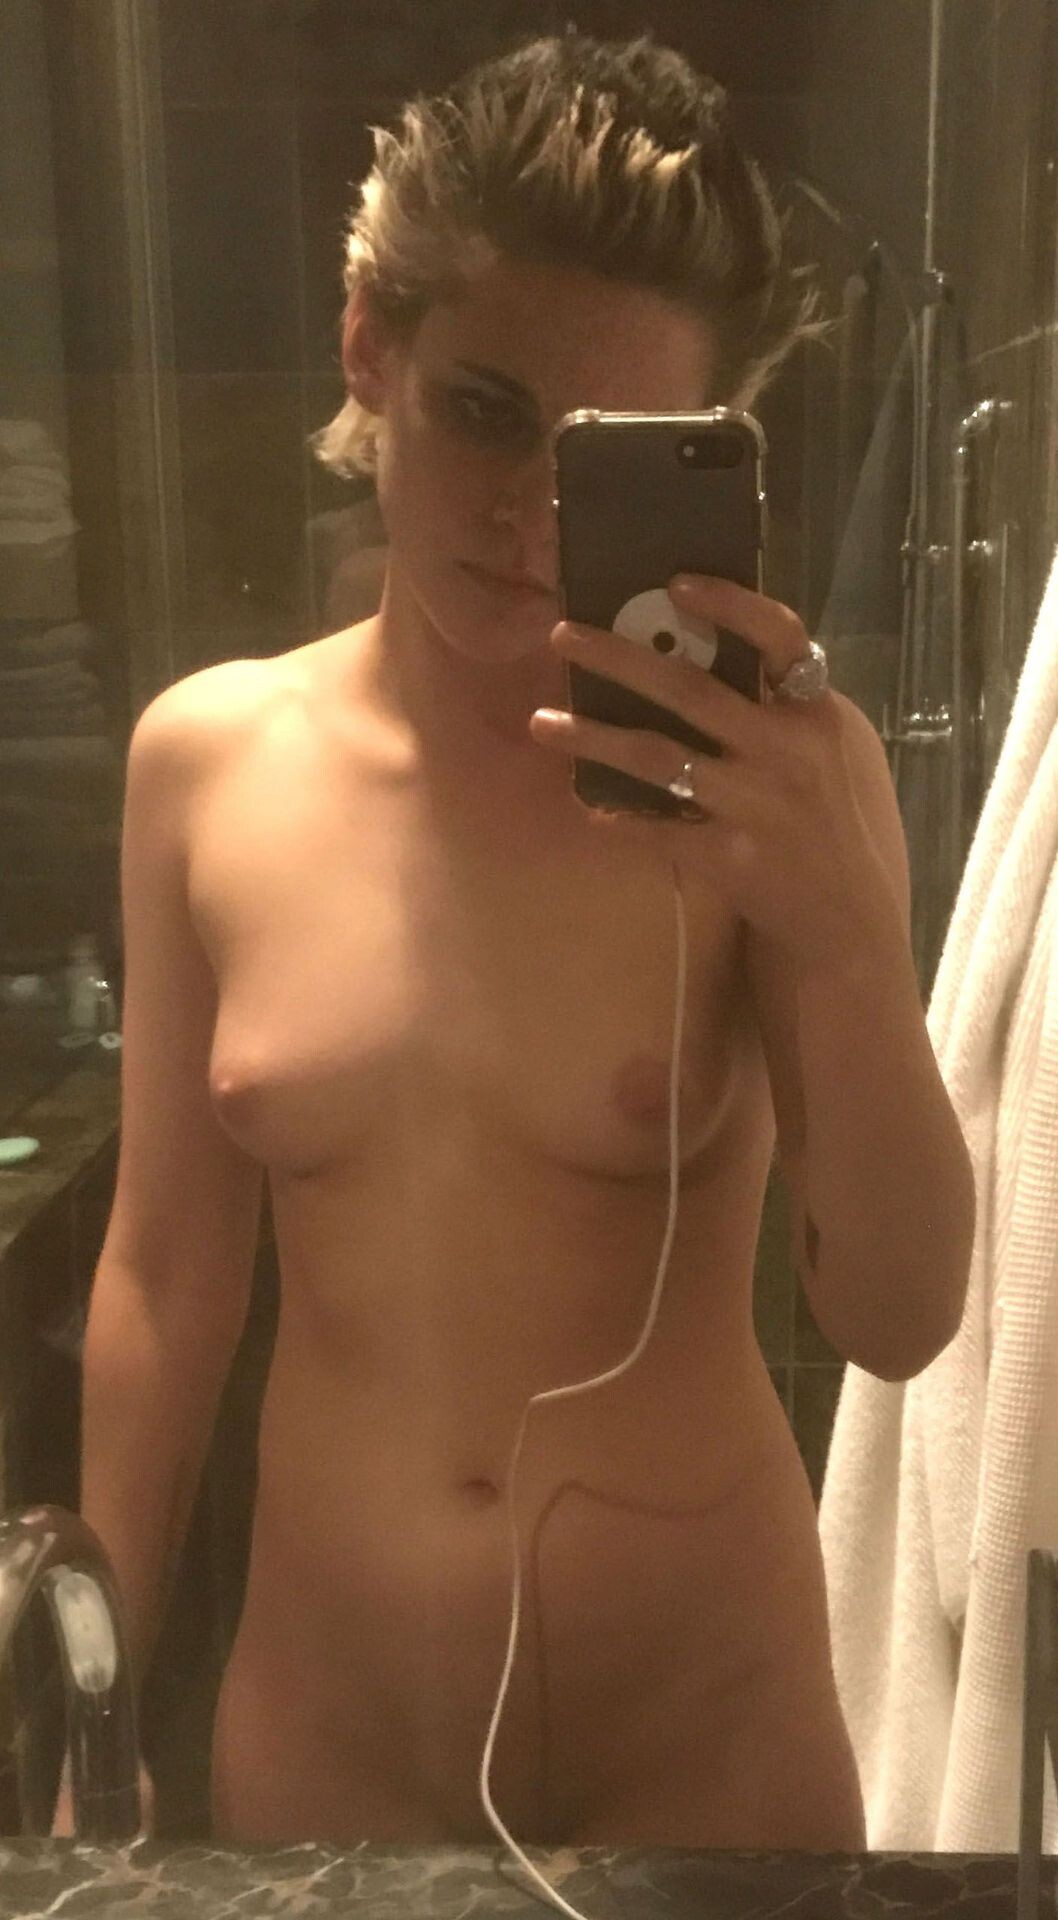 Kristen Stewart Nude Leaked 157 fappenings.com